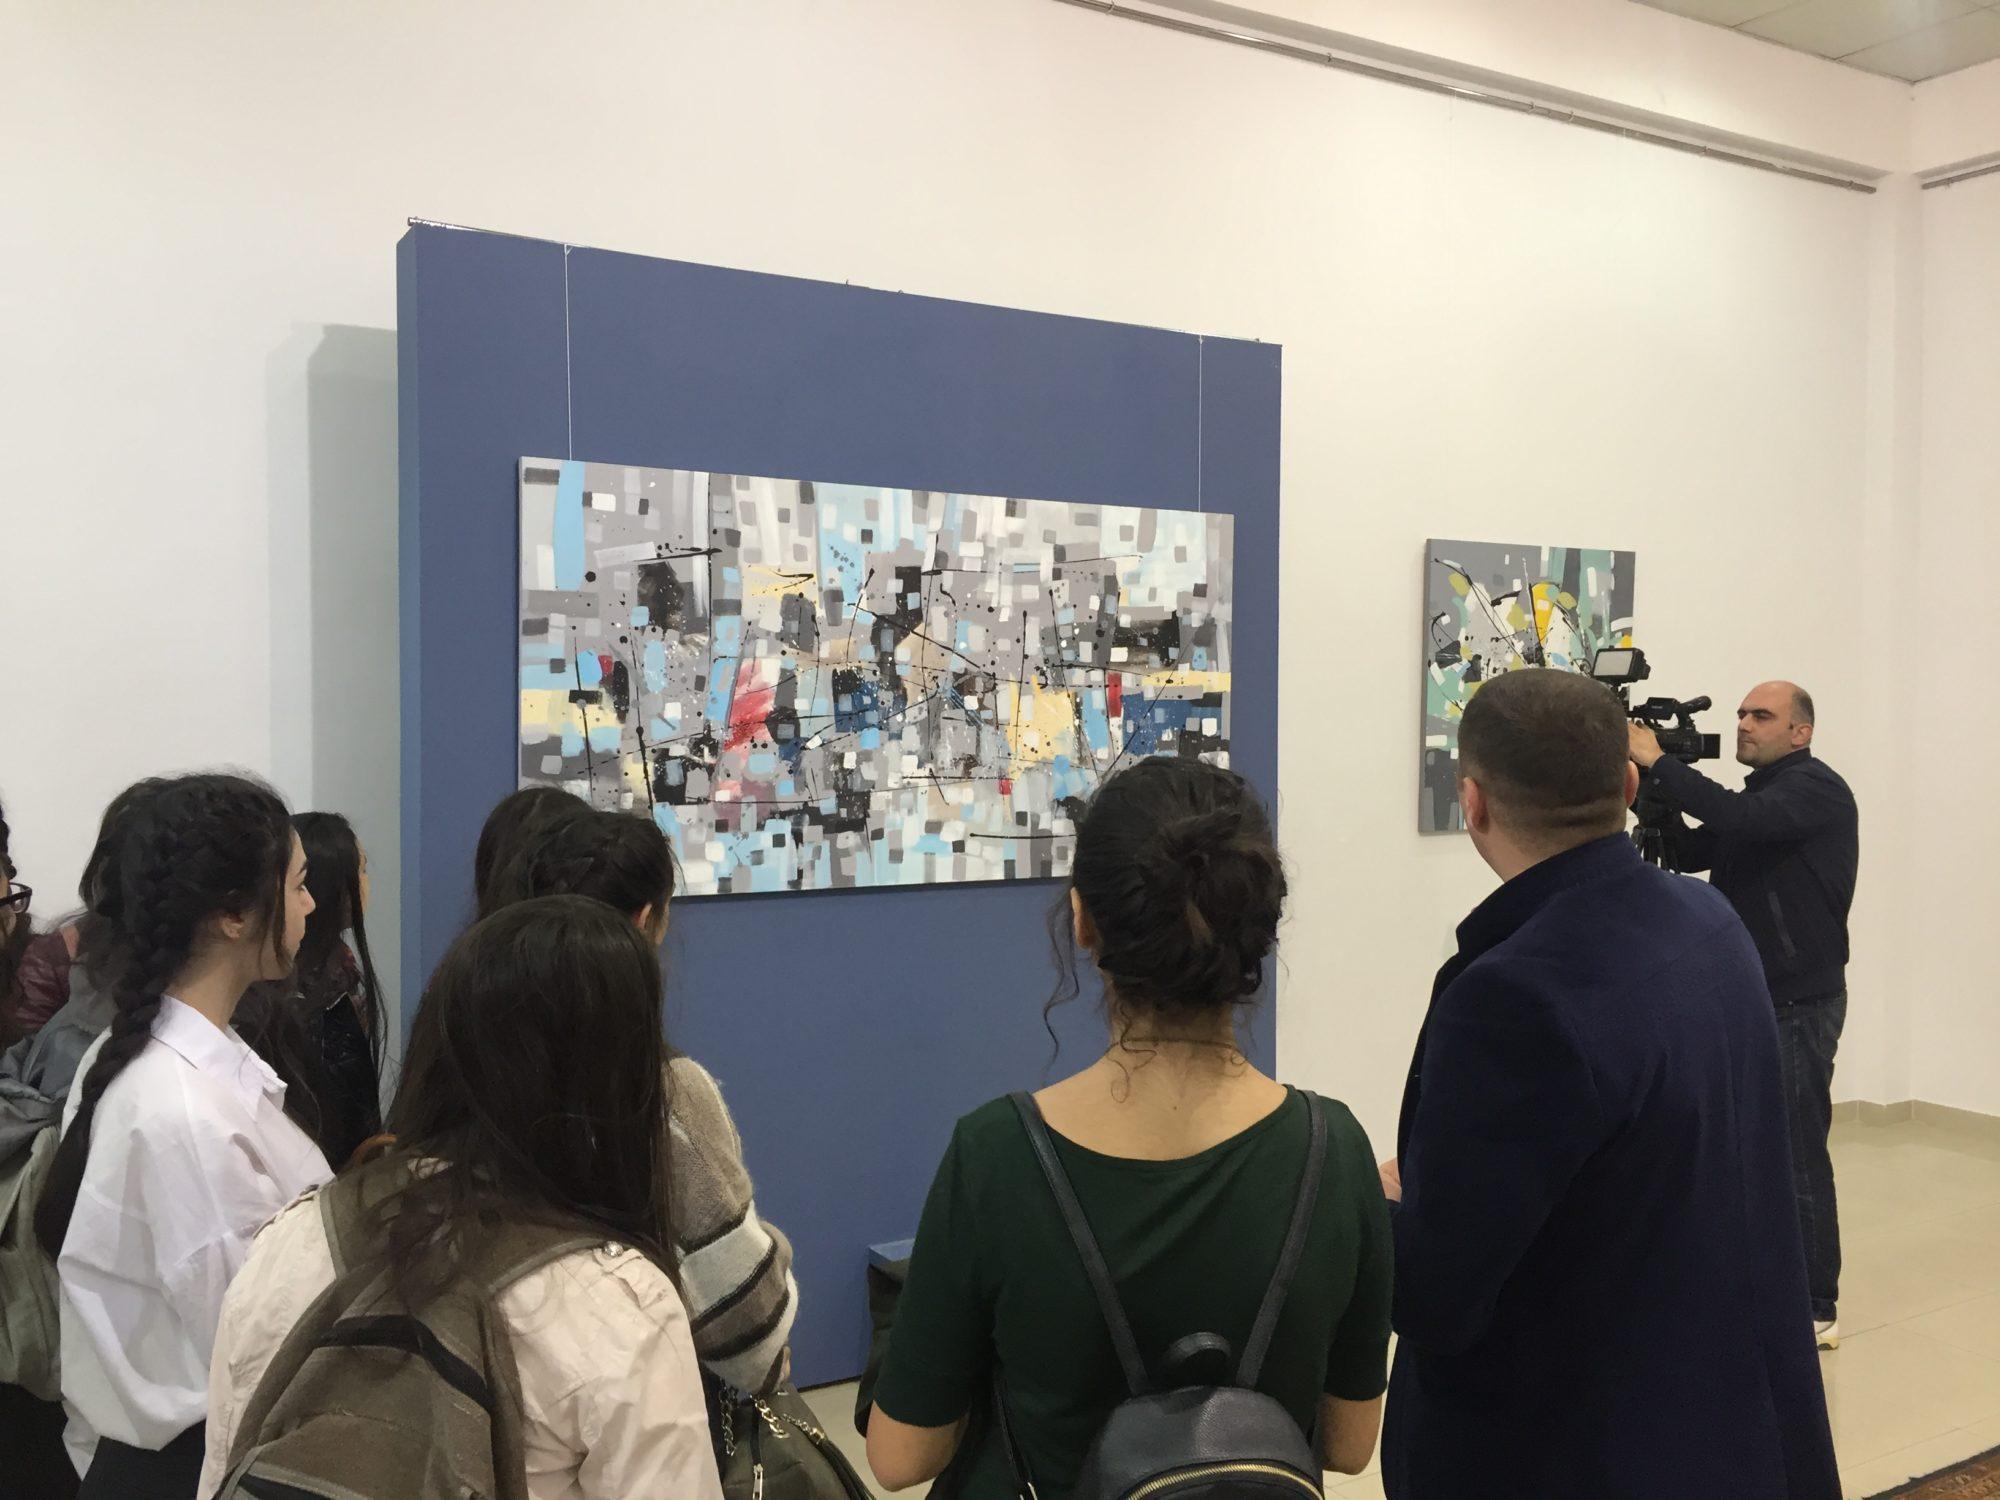 Նկարիչ Արամ Դանիելյանի աշխատանքները՝ հանրապետական երիտասարդական ցուցահանդեսին